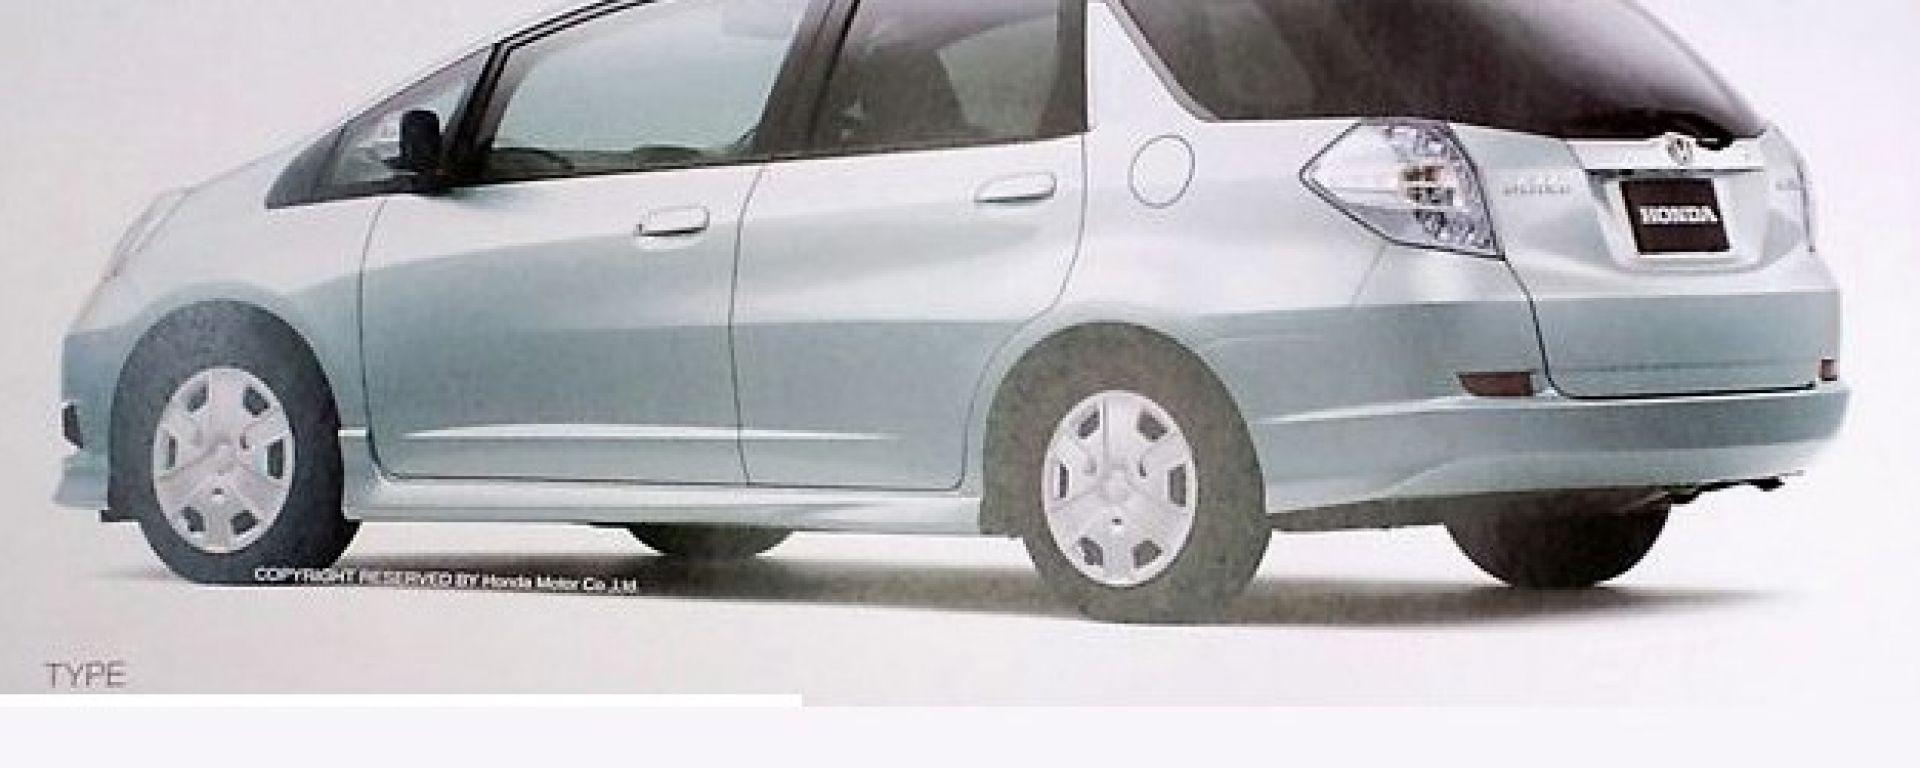 Honda Jazz station wagon